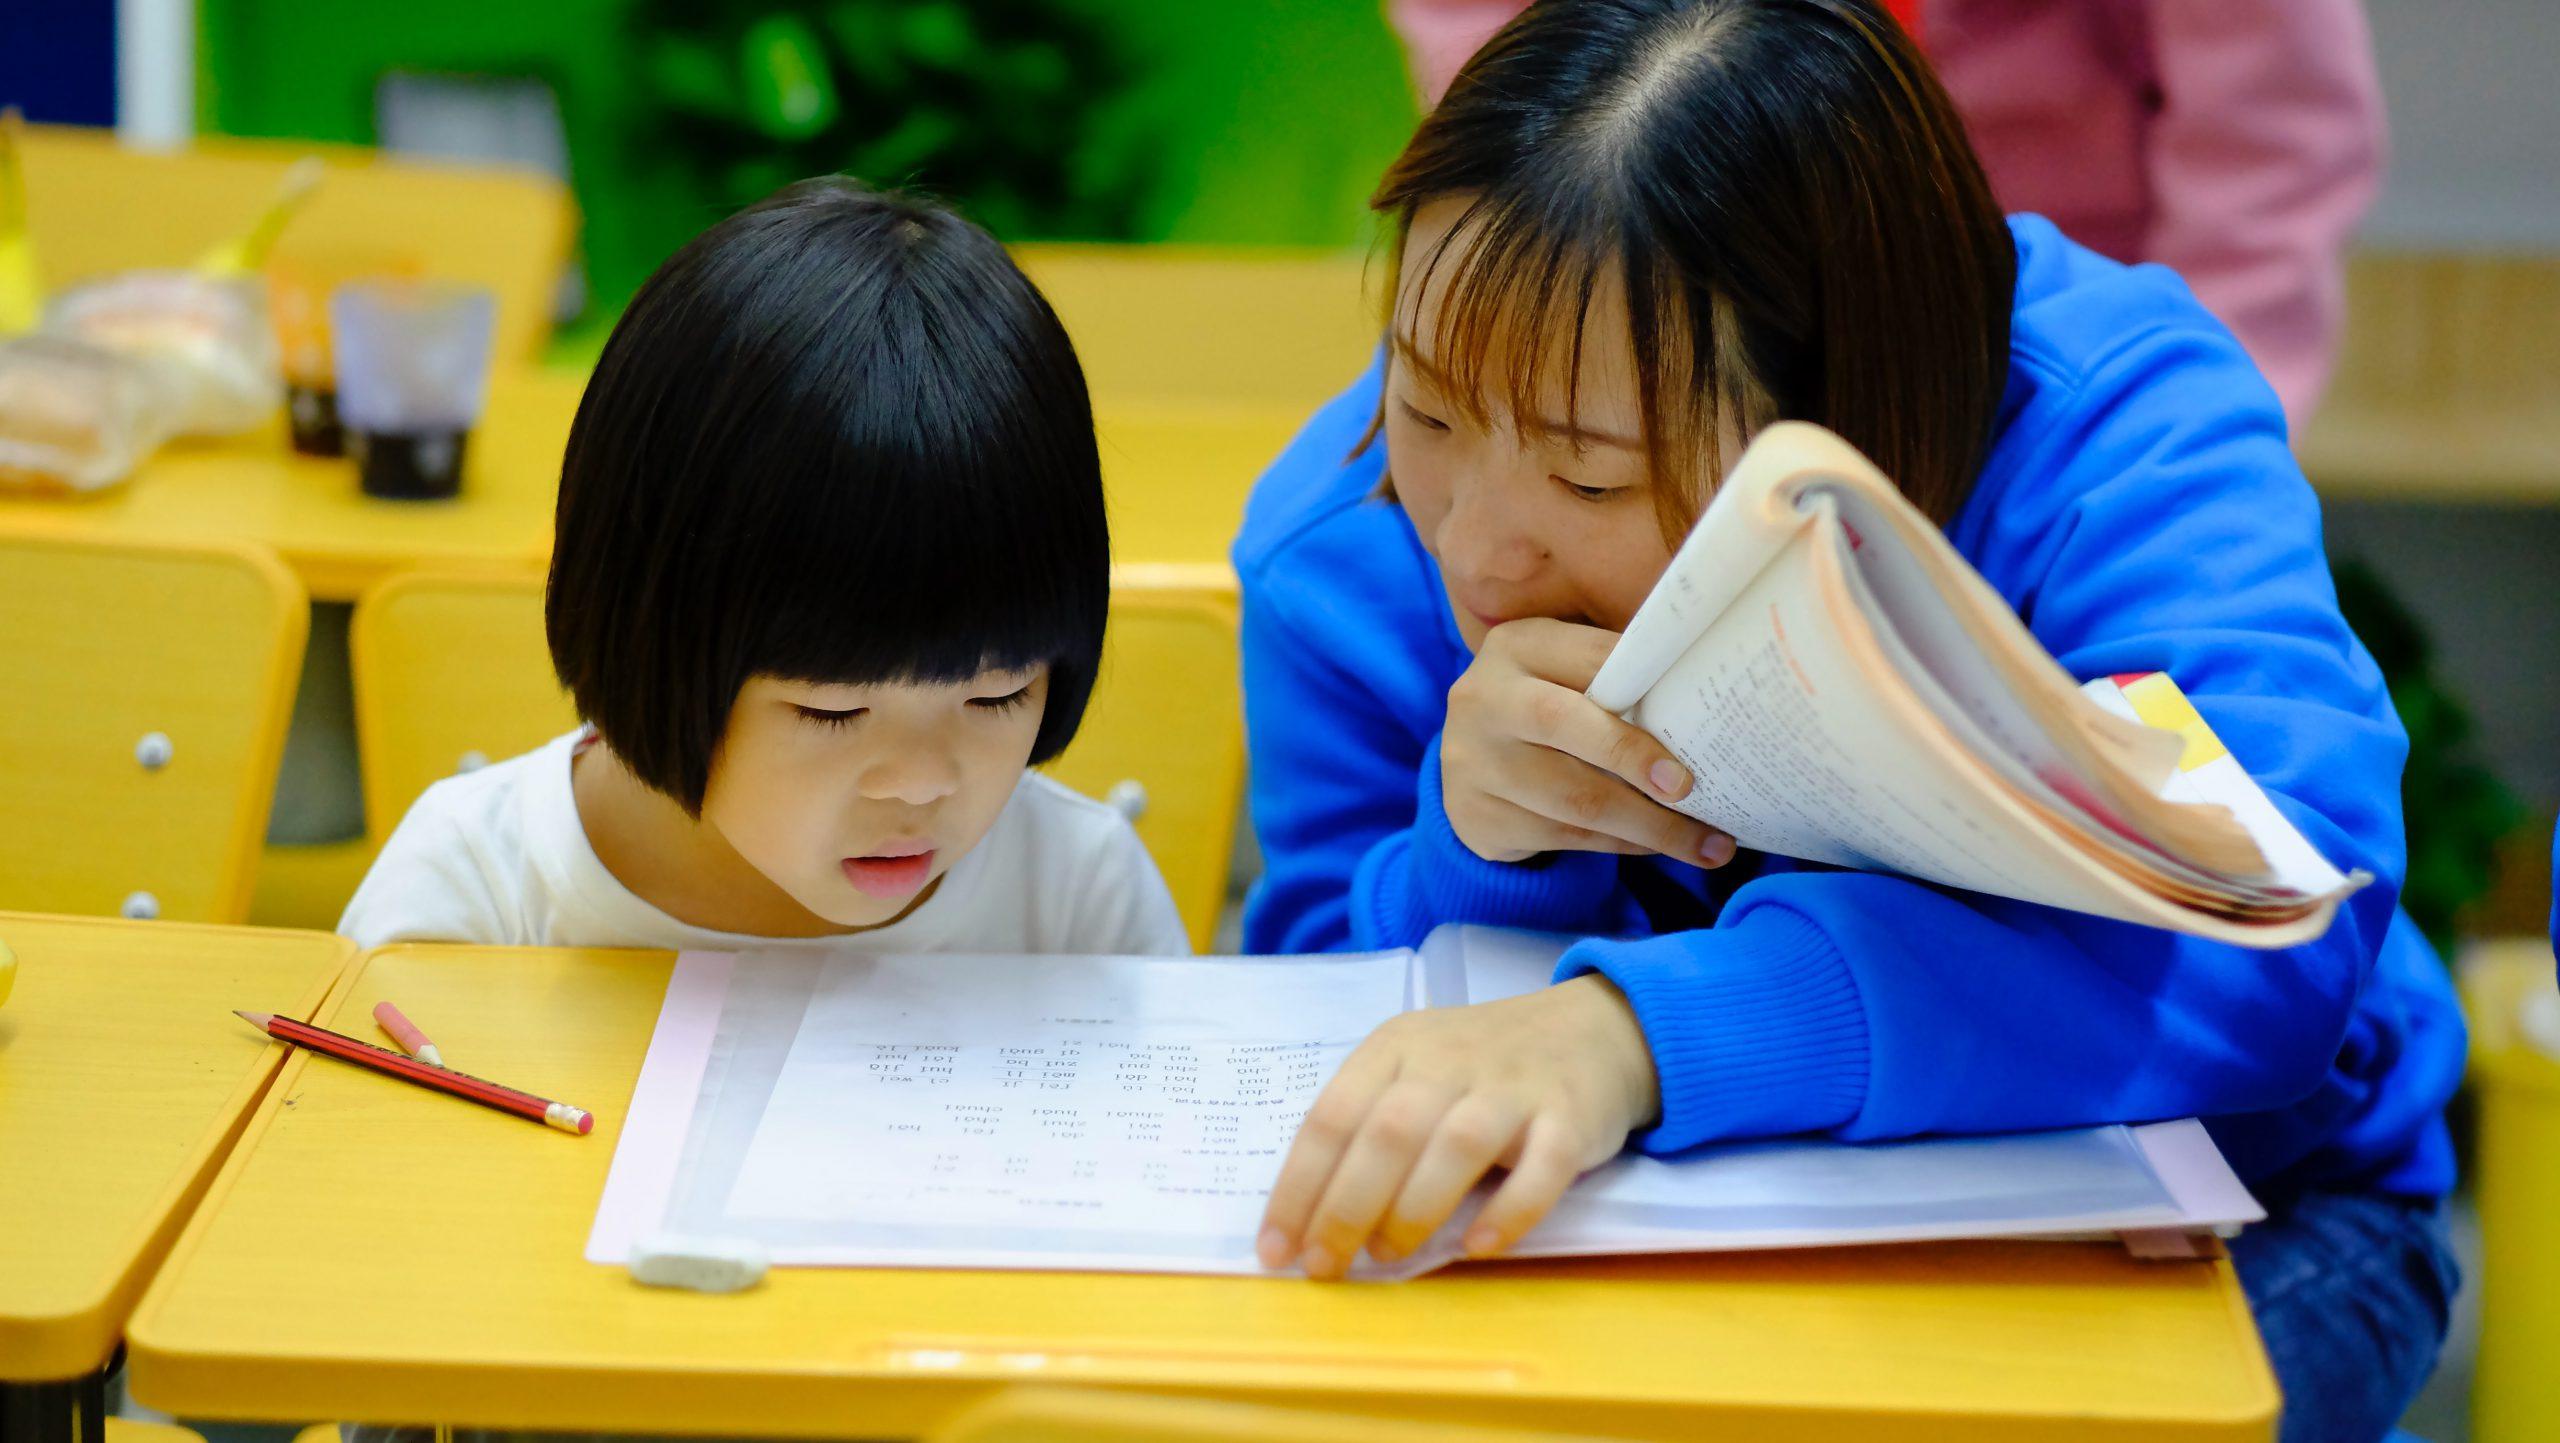 a math teacher and student